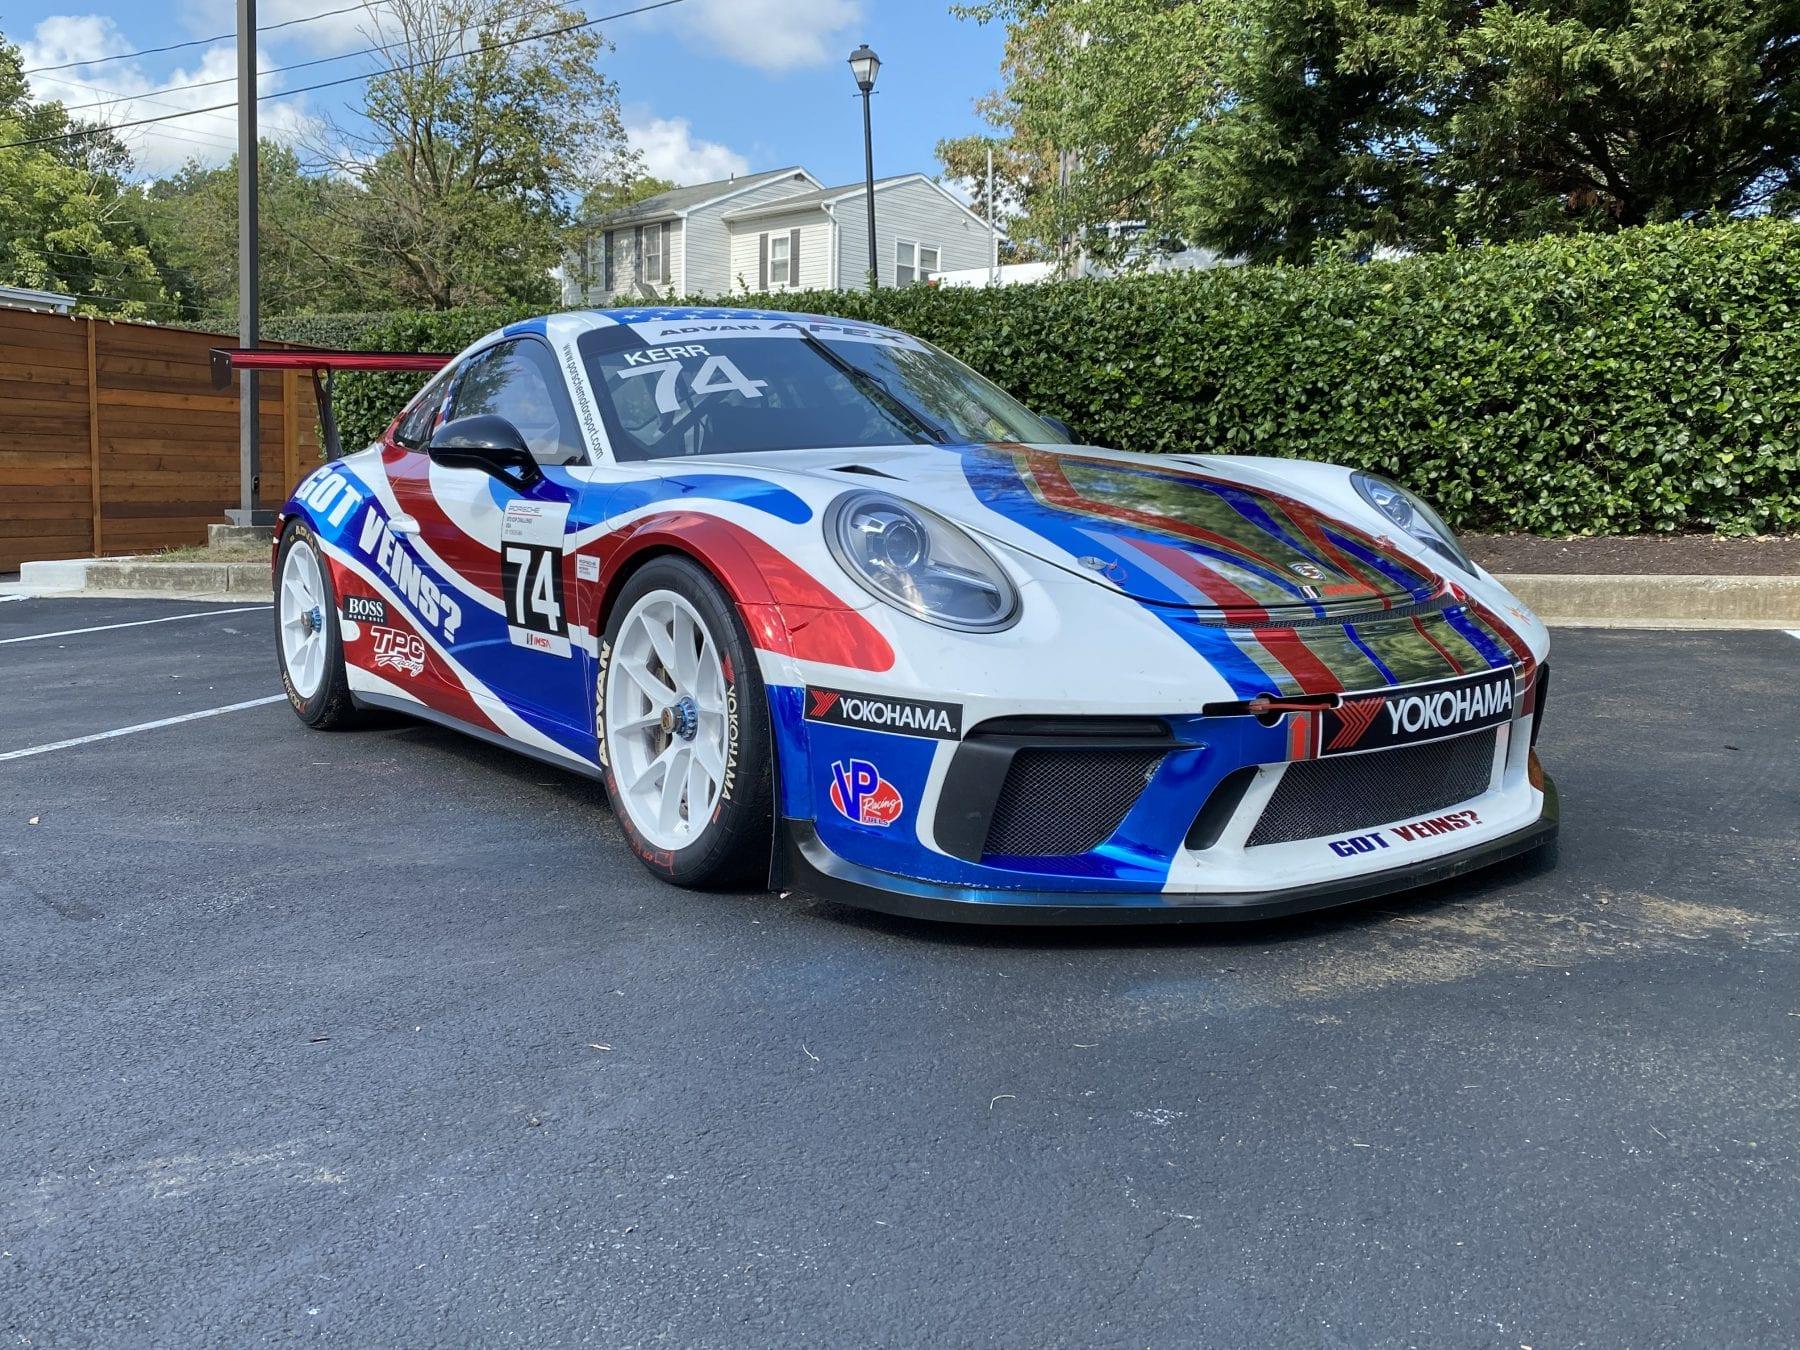 2018 Porsche GT3 Cup – LOW HOURS!